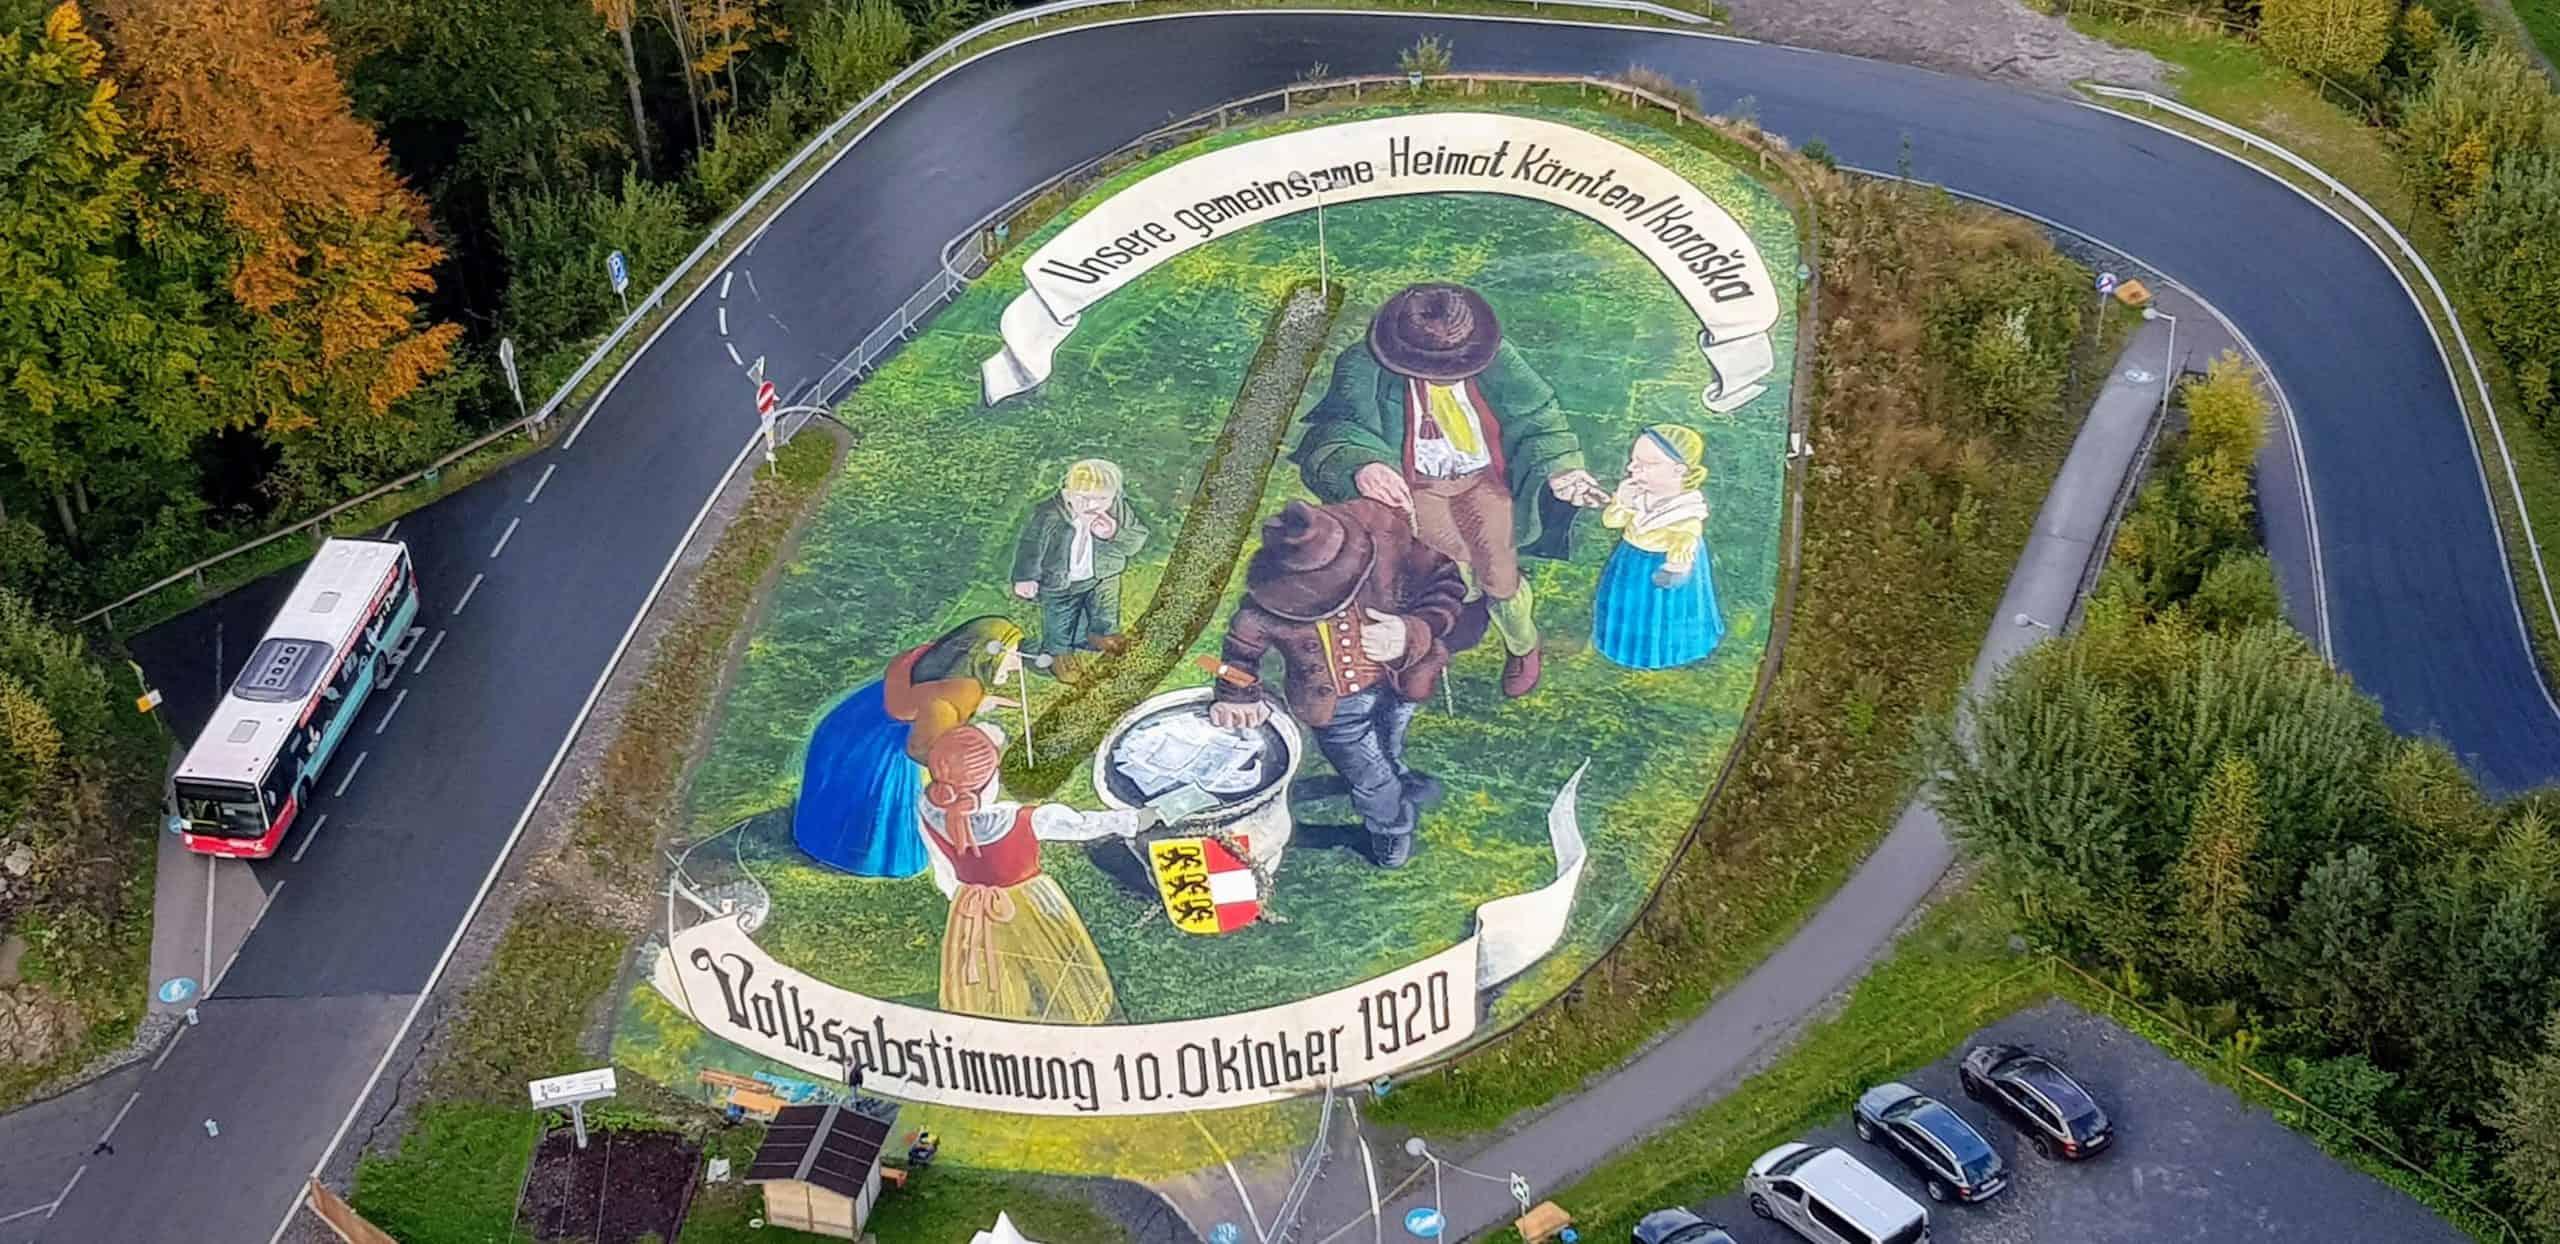 Kunstprojekt Pyramidenkogel Volksabstimmung Kärnten 100 Jahre - überdimensionales 3D Bild bei Sehenswürdigkeit am Wörthersee in Österreich